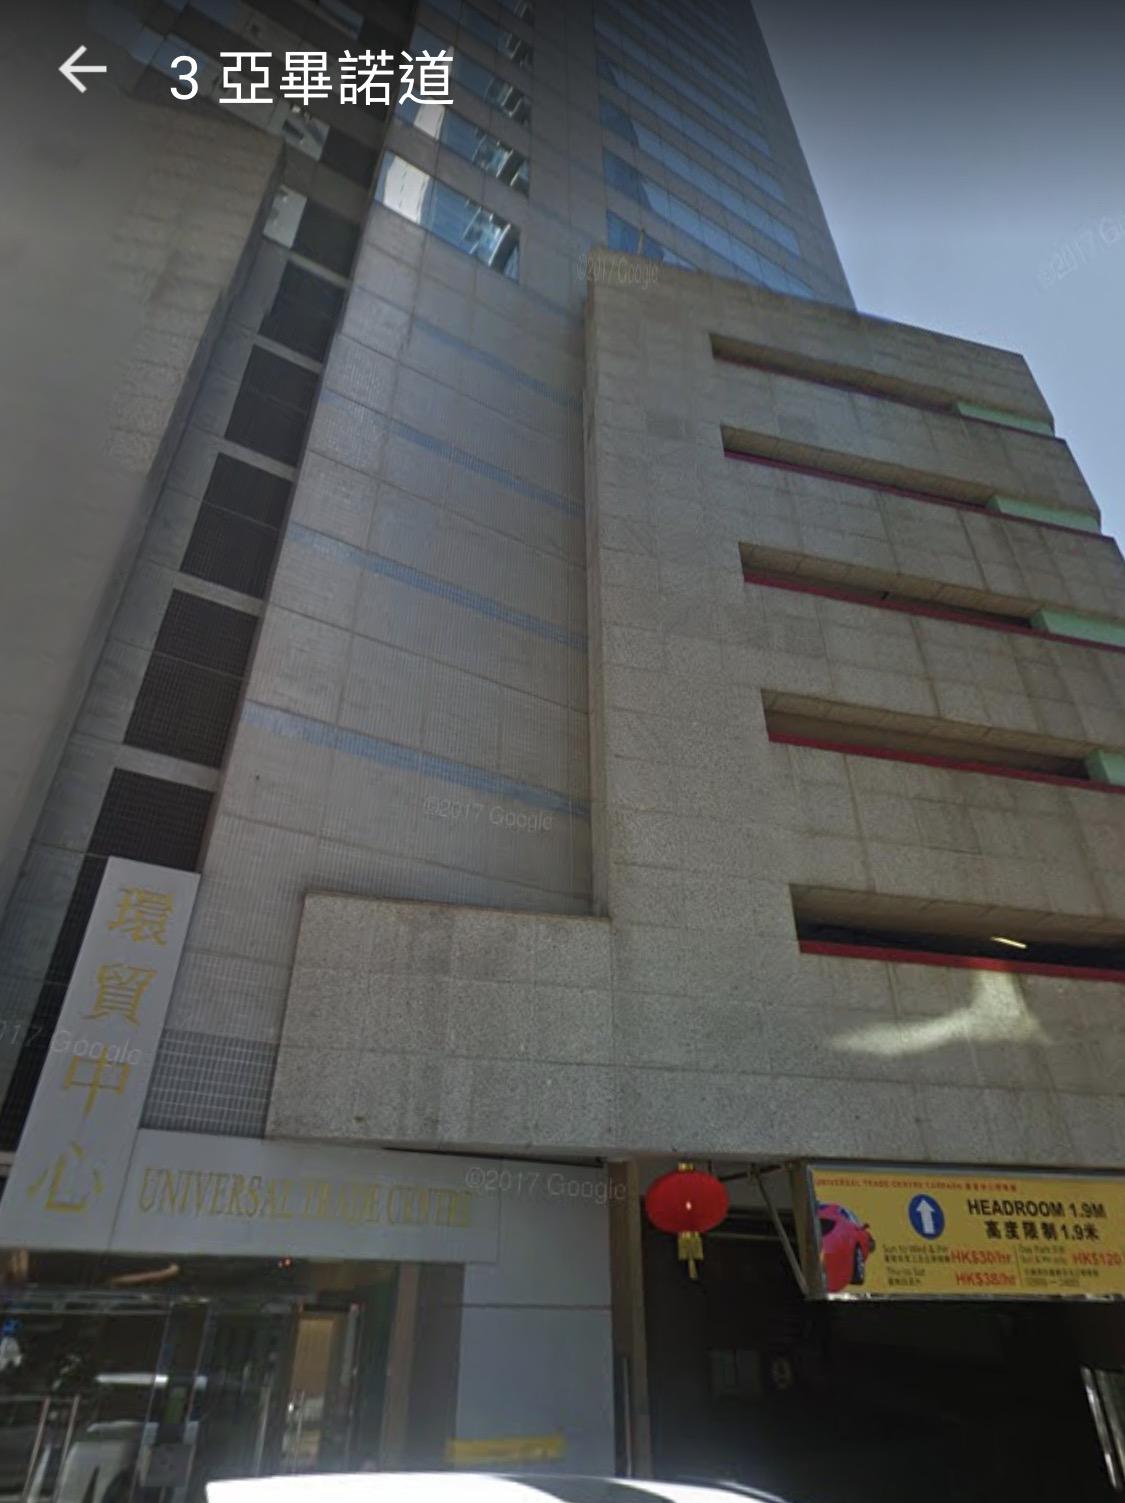 Universal trade centre 16/F 5